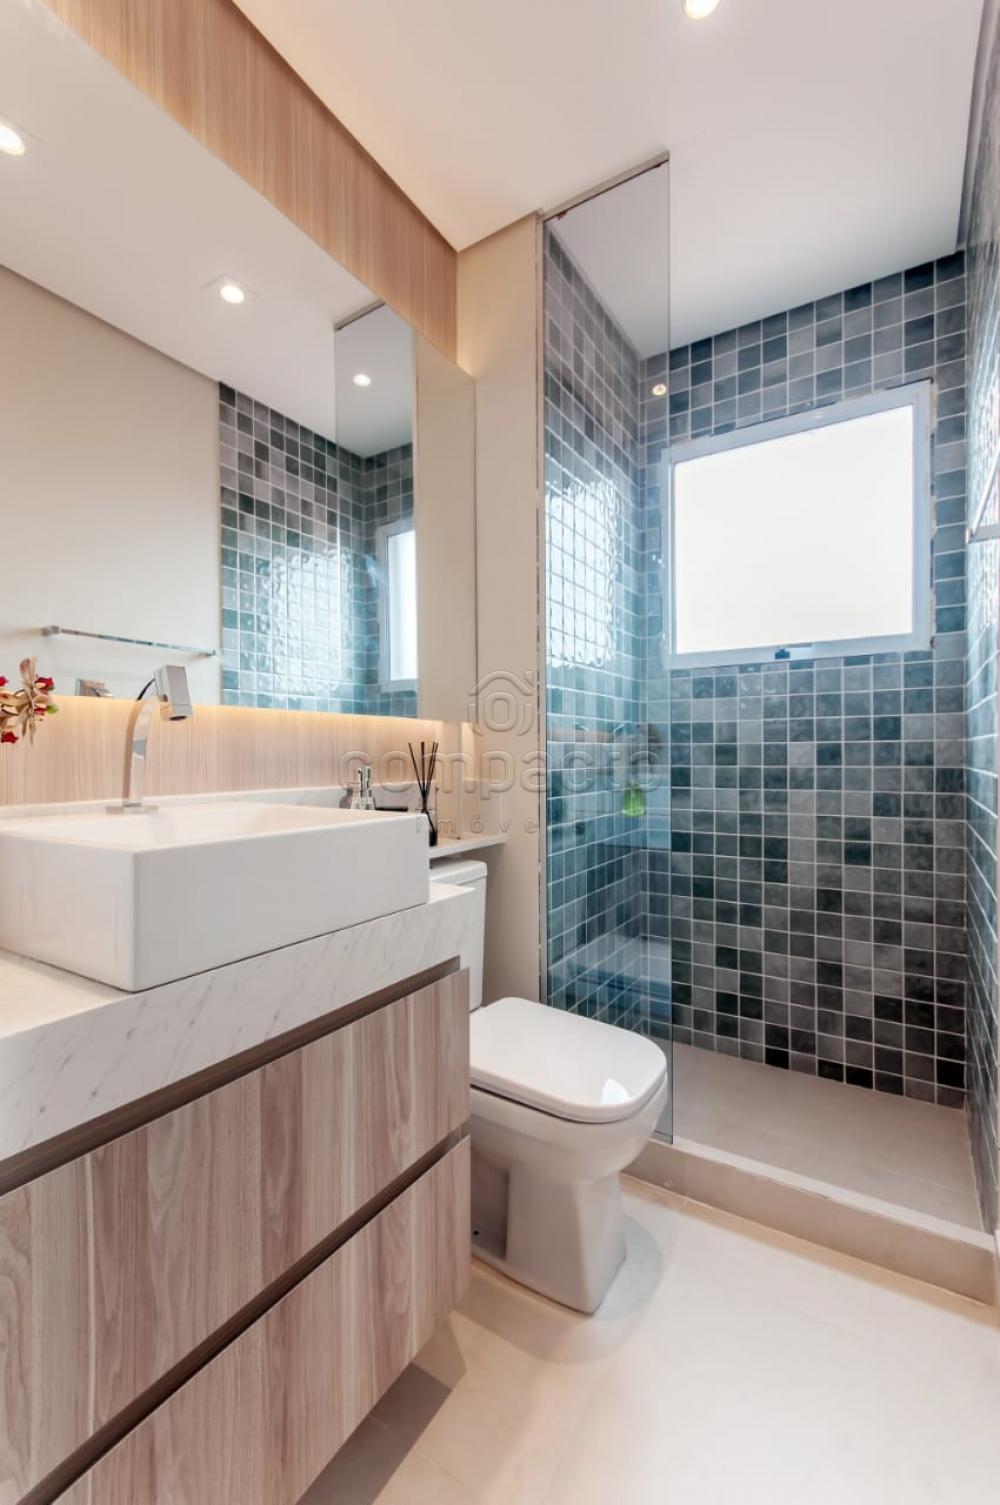 Comprar Apartamento / Padrão em São José do Rio Preto apenas R$ 223.000,00 - Foto 17